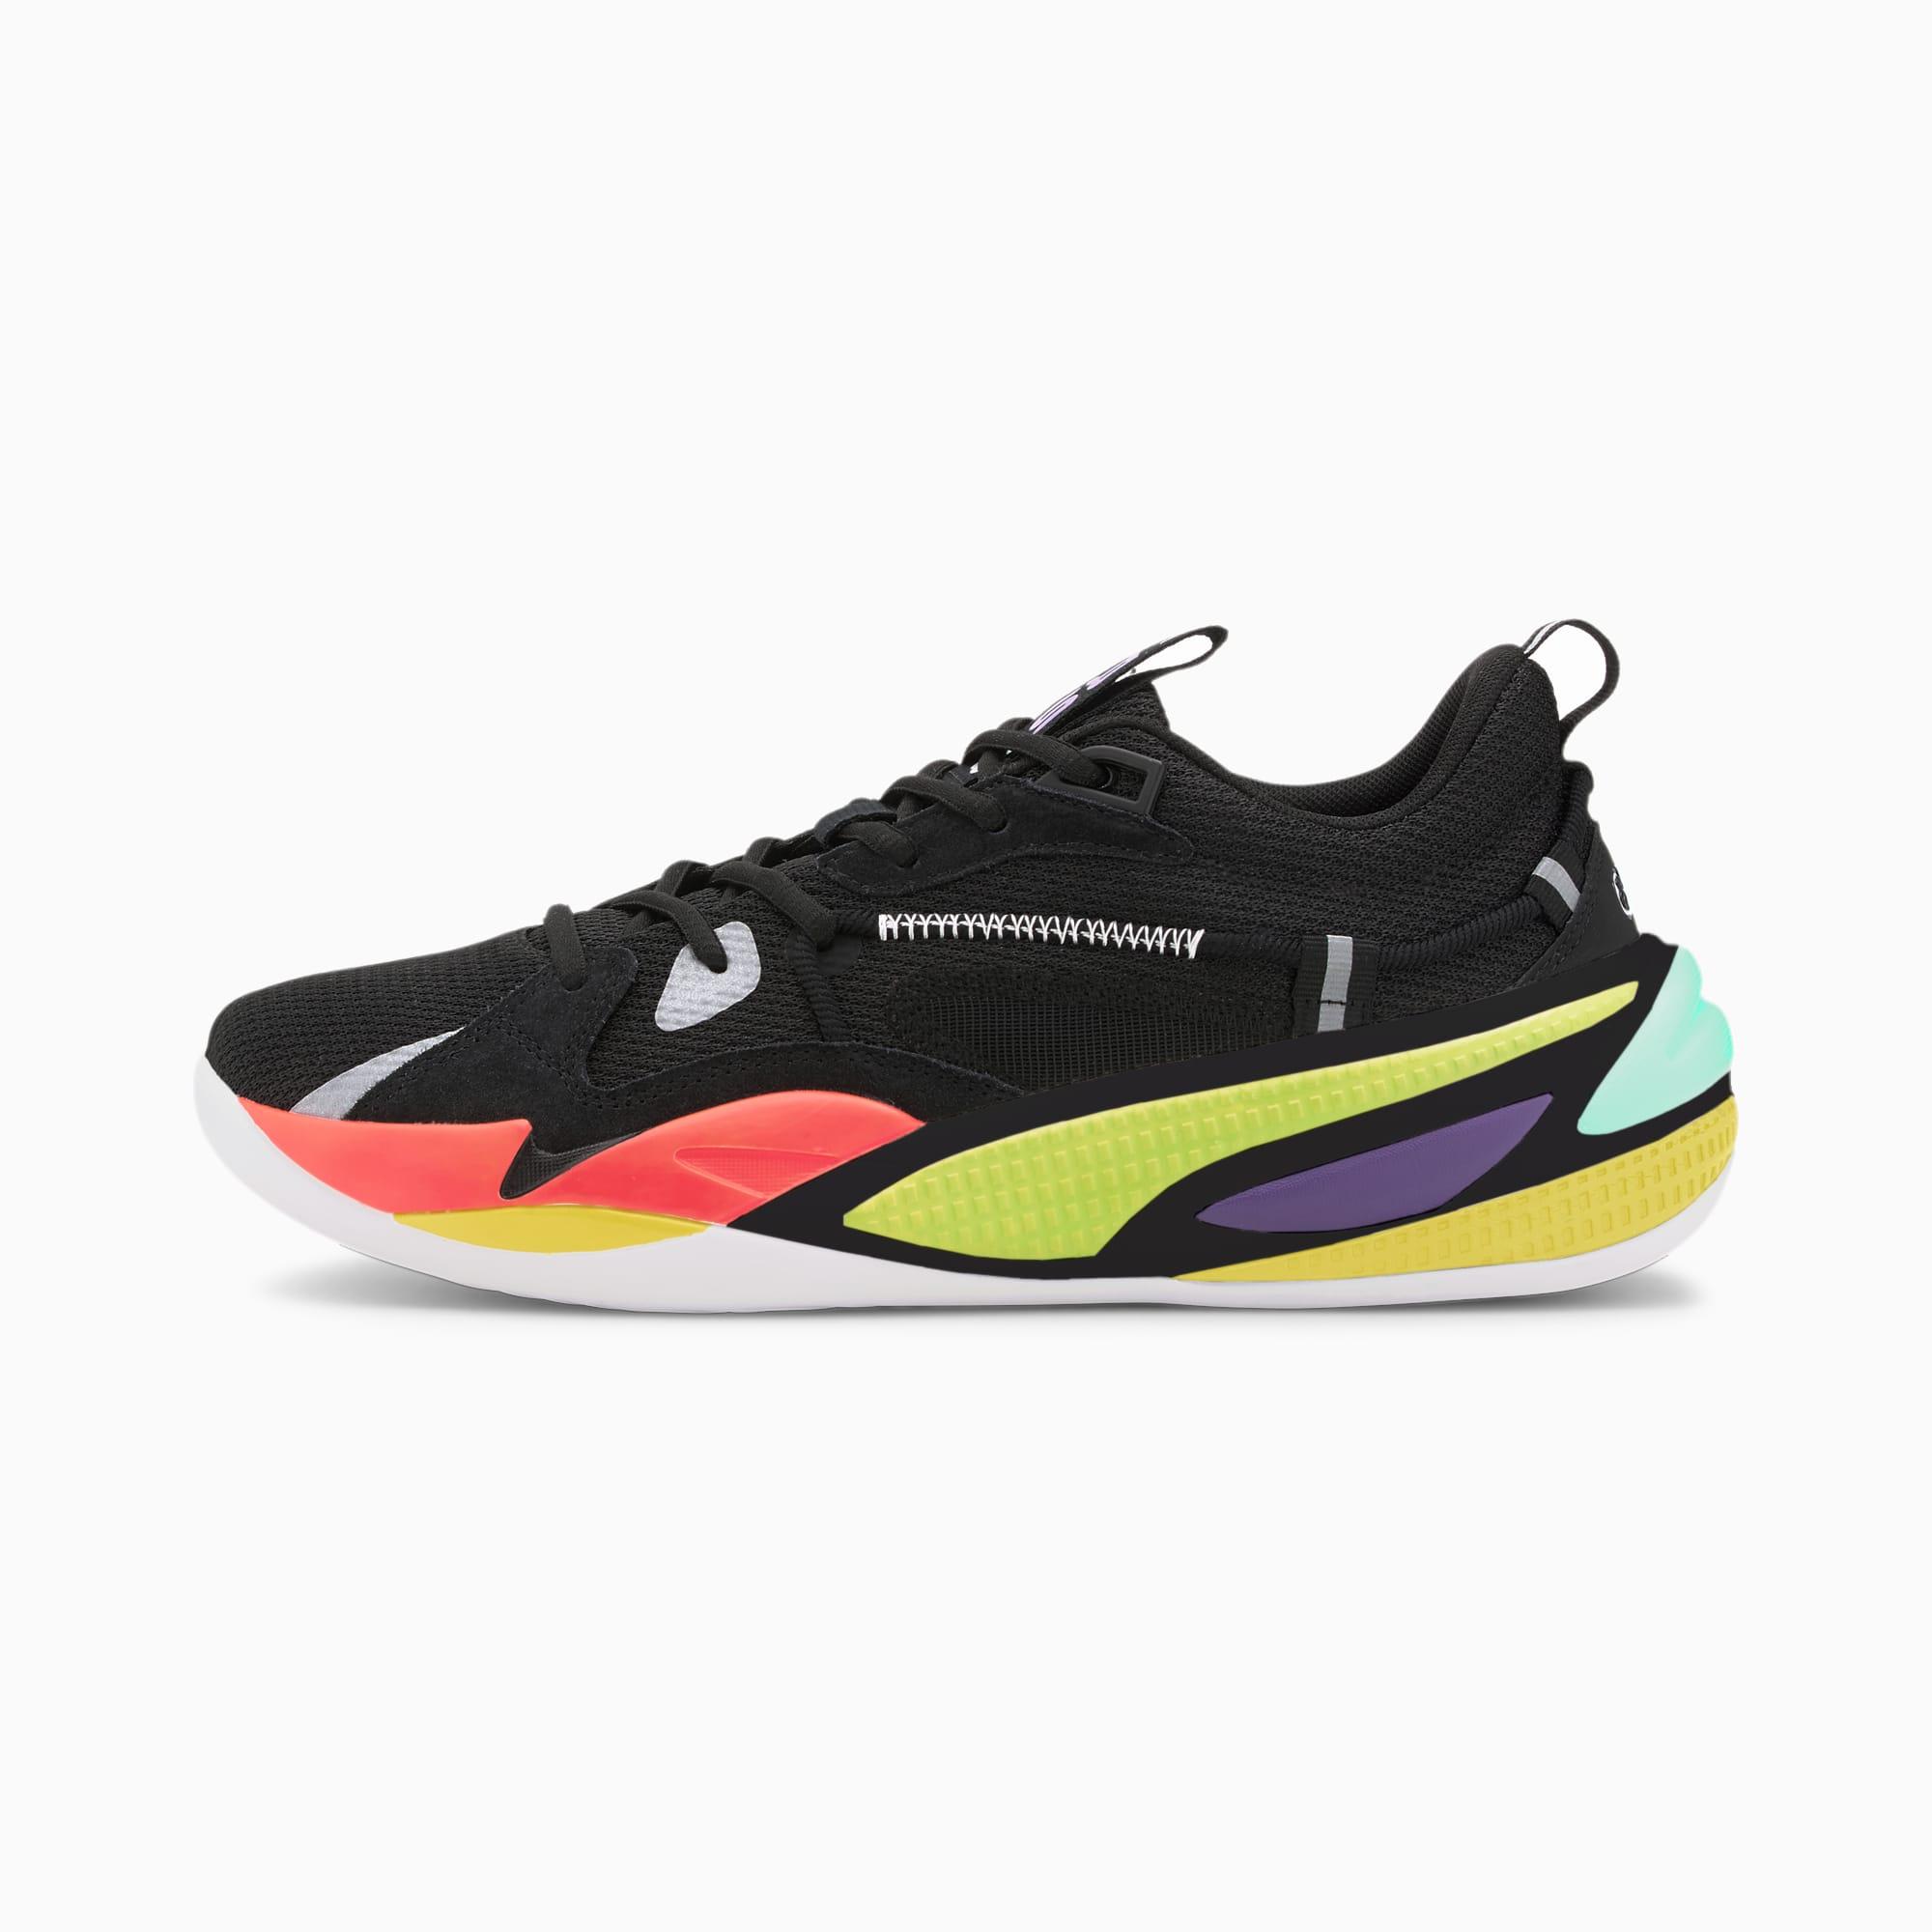 PUMA Chaussure de basket RS-Dreamer Proto, Noir/Rouge, Taille 40.5, Chaussures